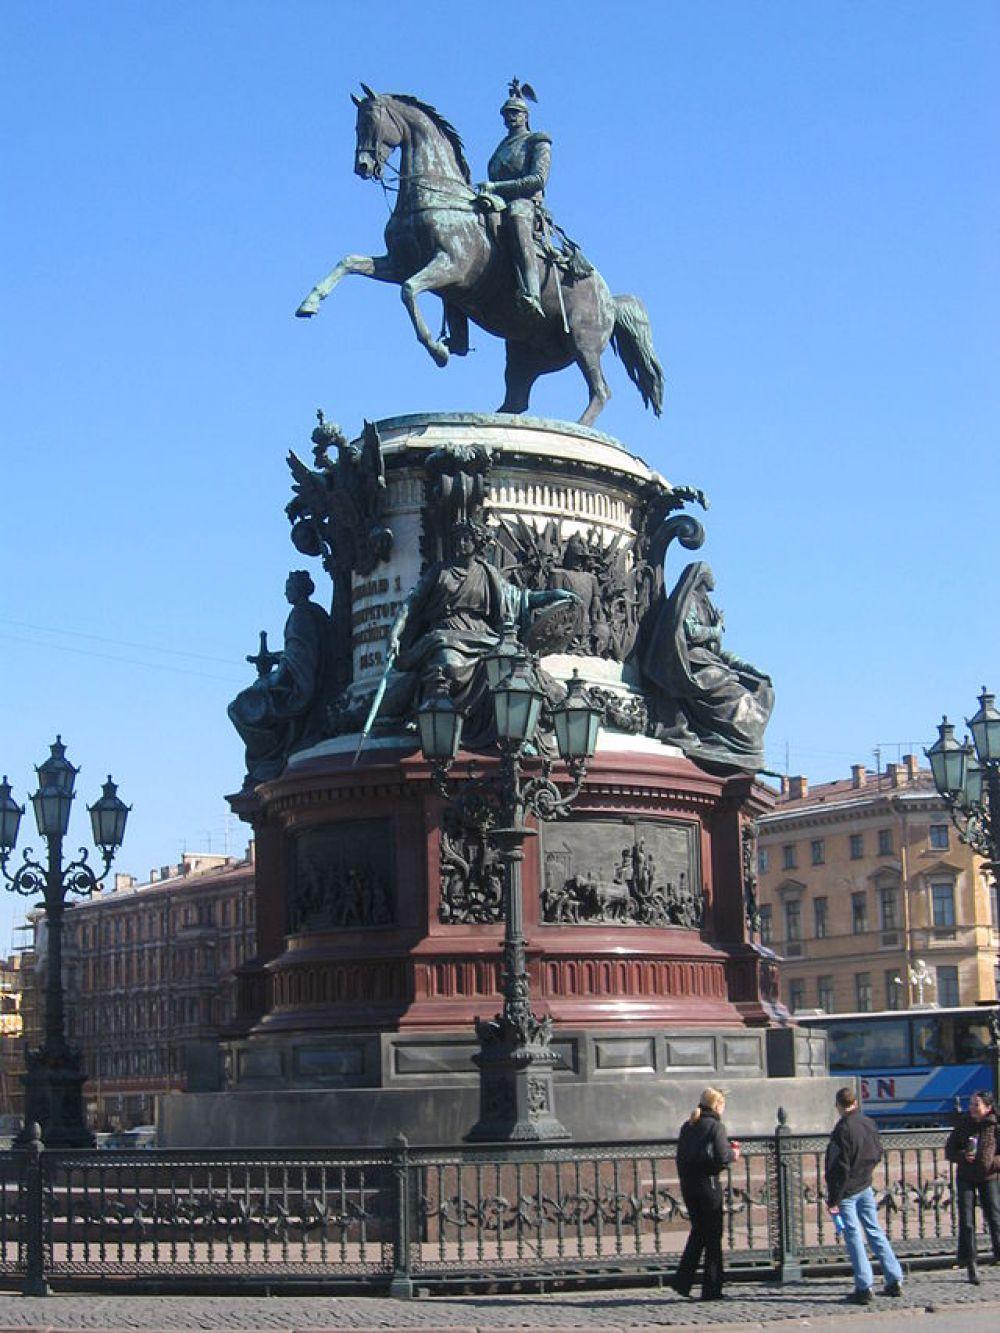 Памятник Николаю I на Исаакиевской площади. Первоначальный эскиз, созданный Клодтом, представлял собой всадника на спокойно стоящем коне.